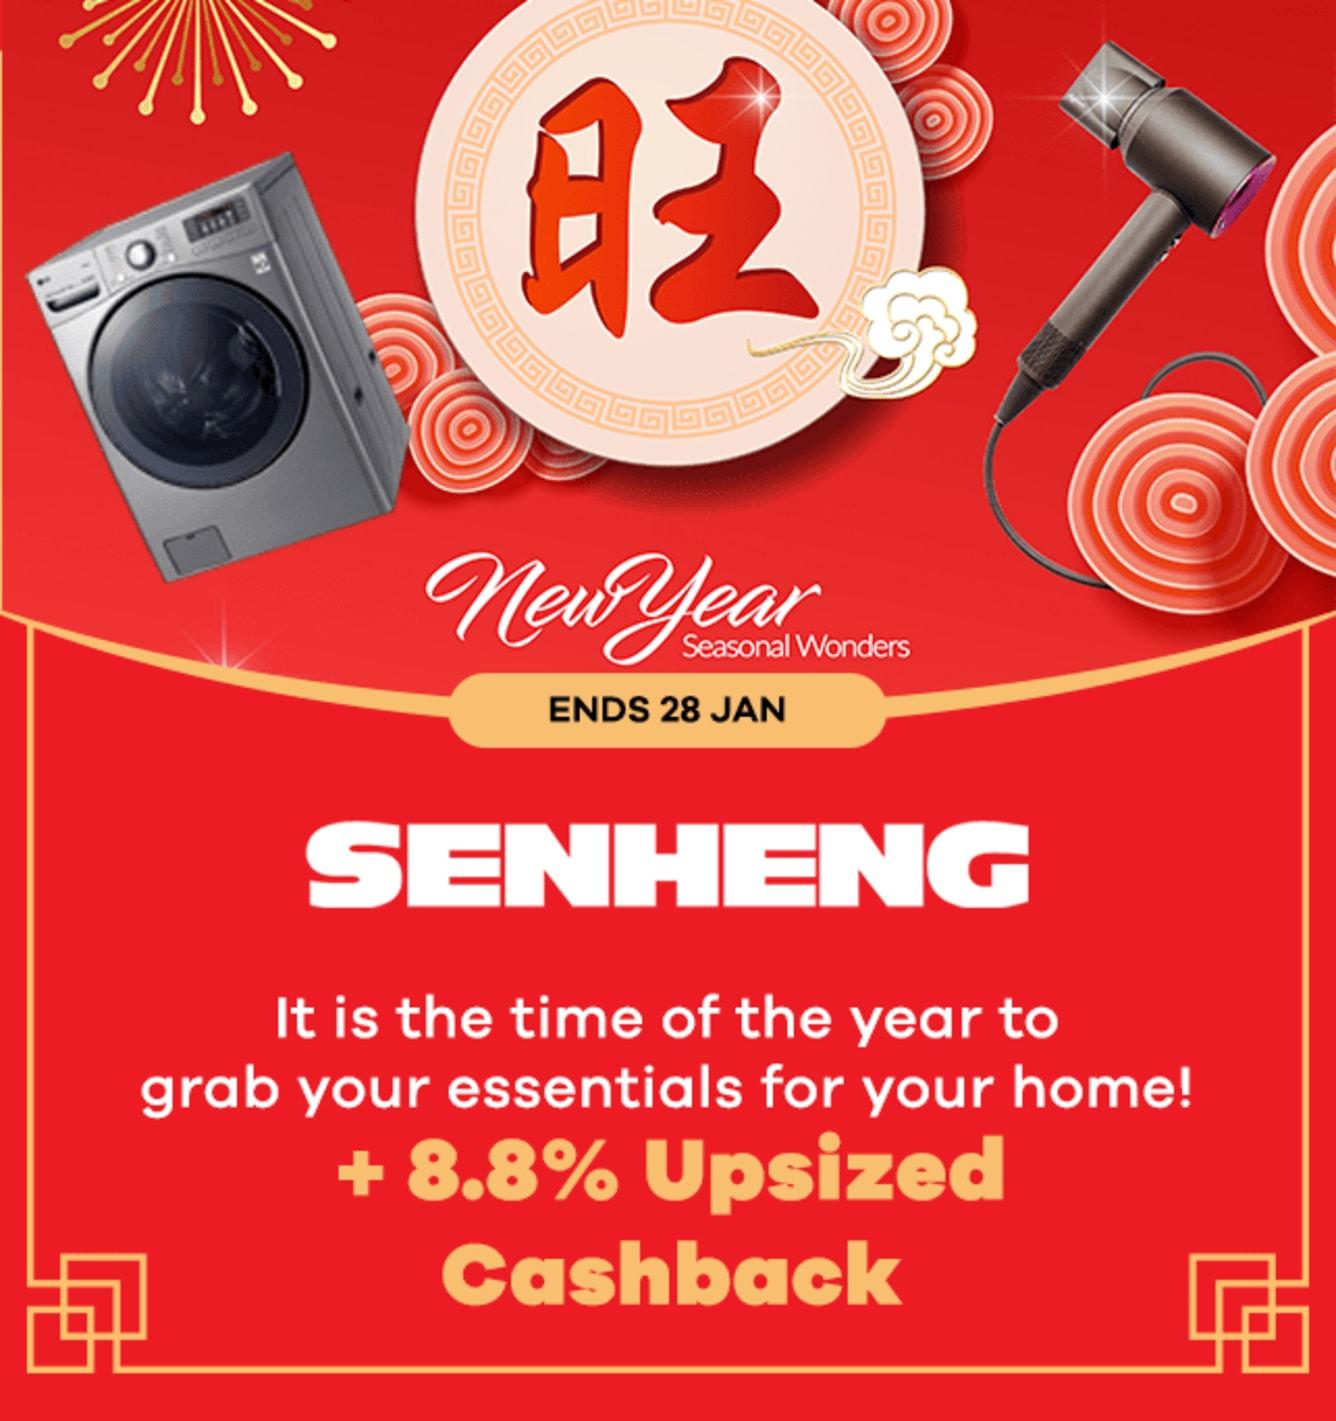 Senheng 8..8% Upsized Cashback